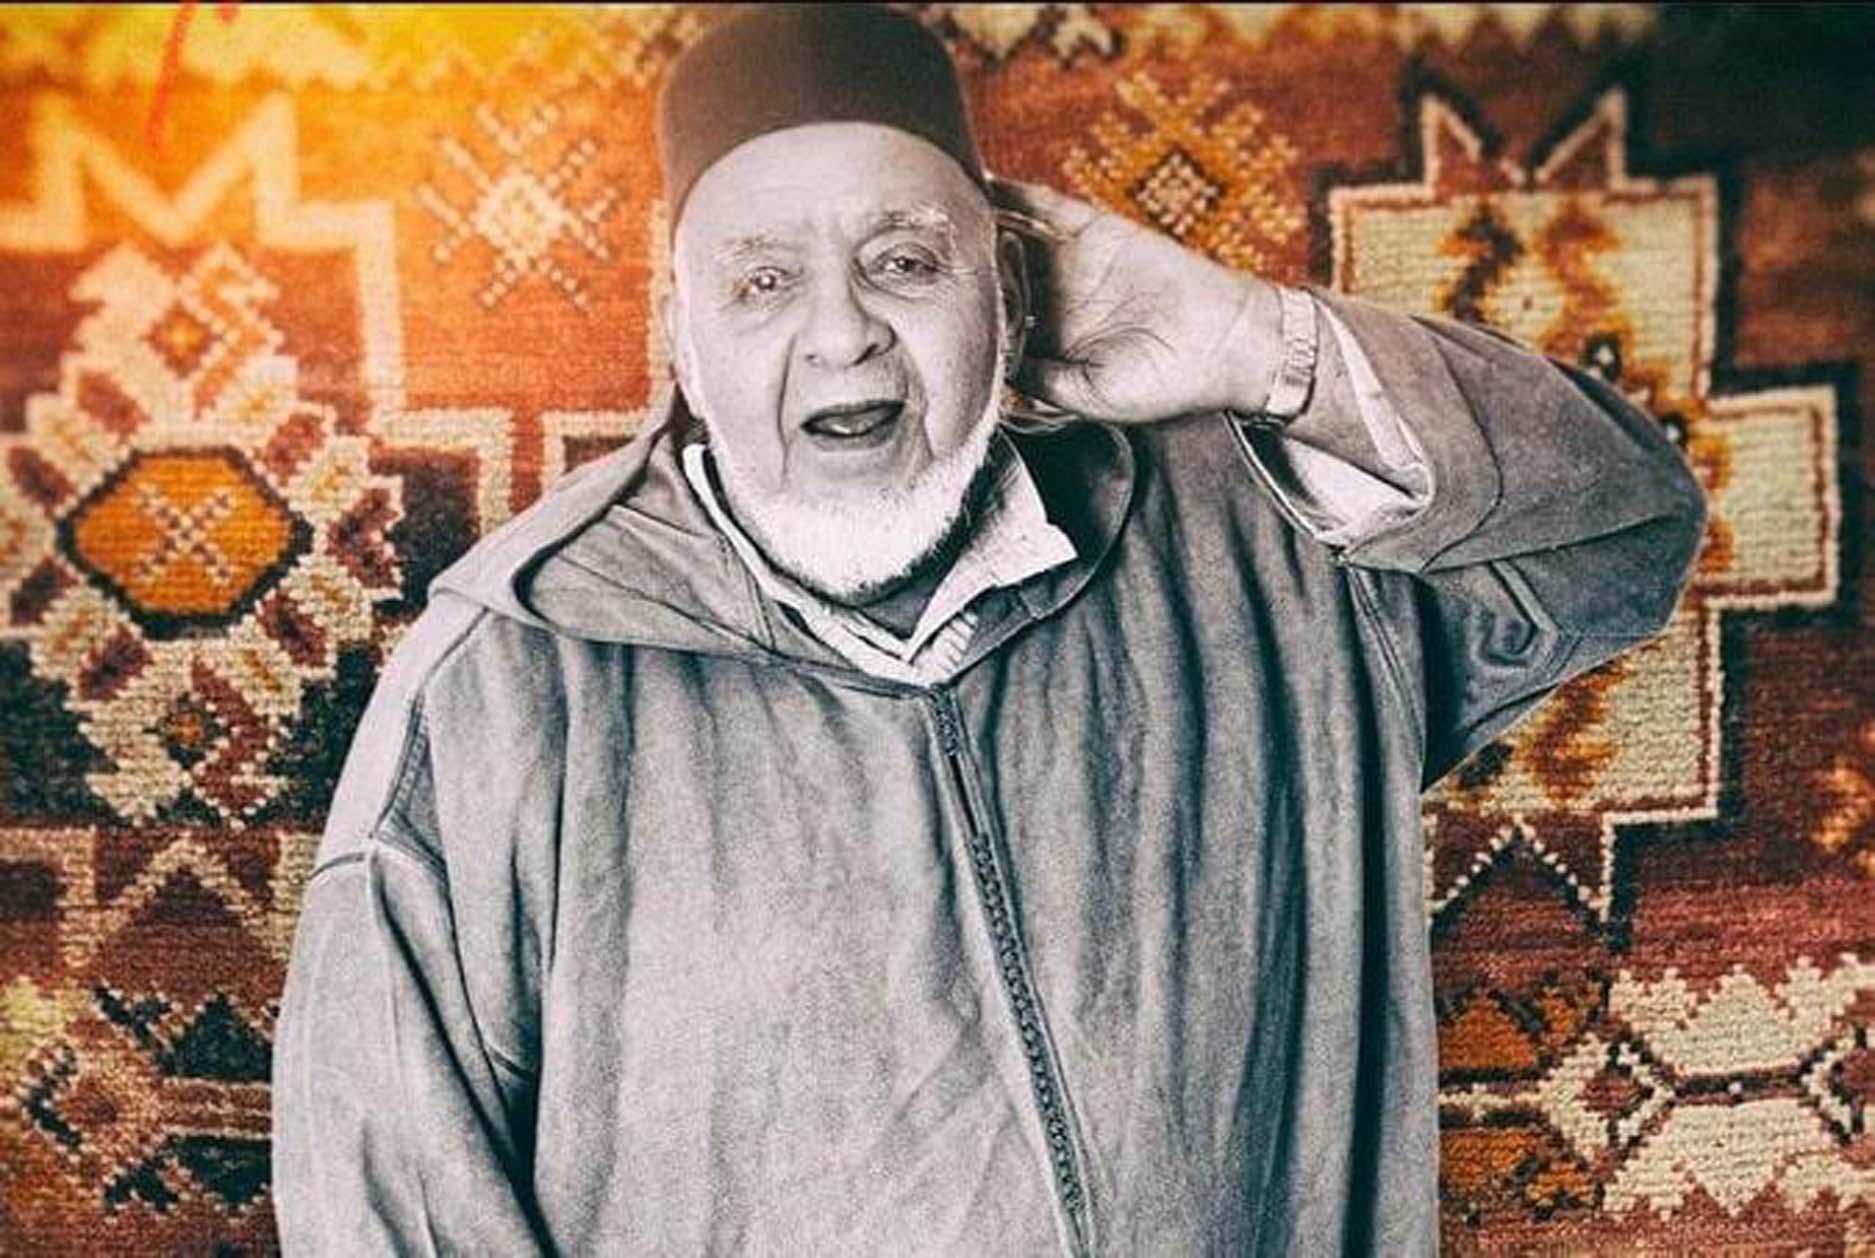 Une figure emblématique du théâtre marocain s'éteint à 88 ans